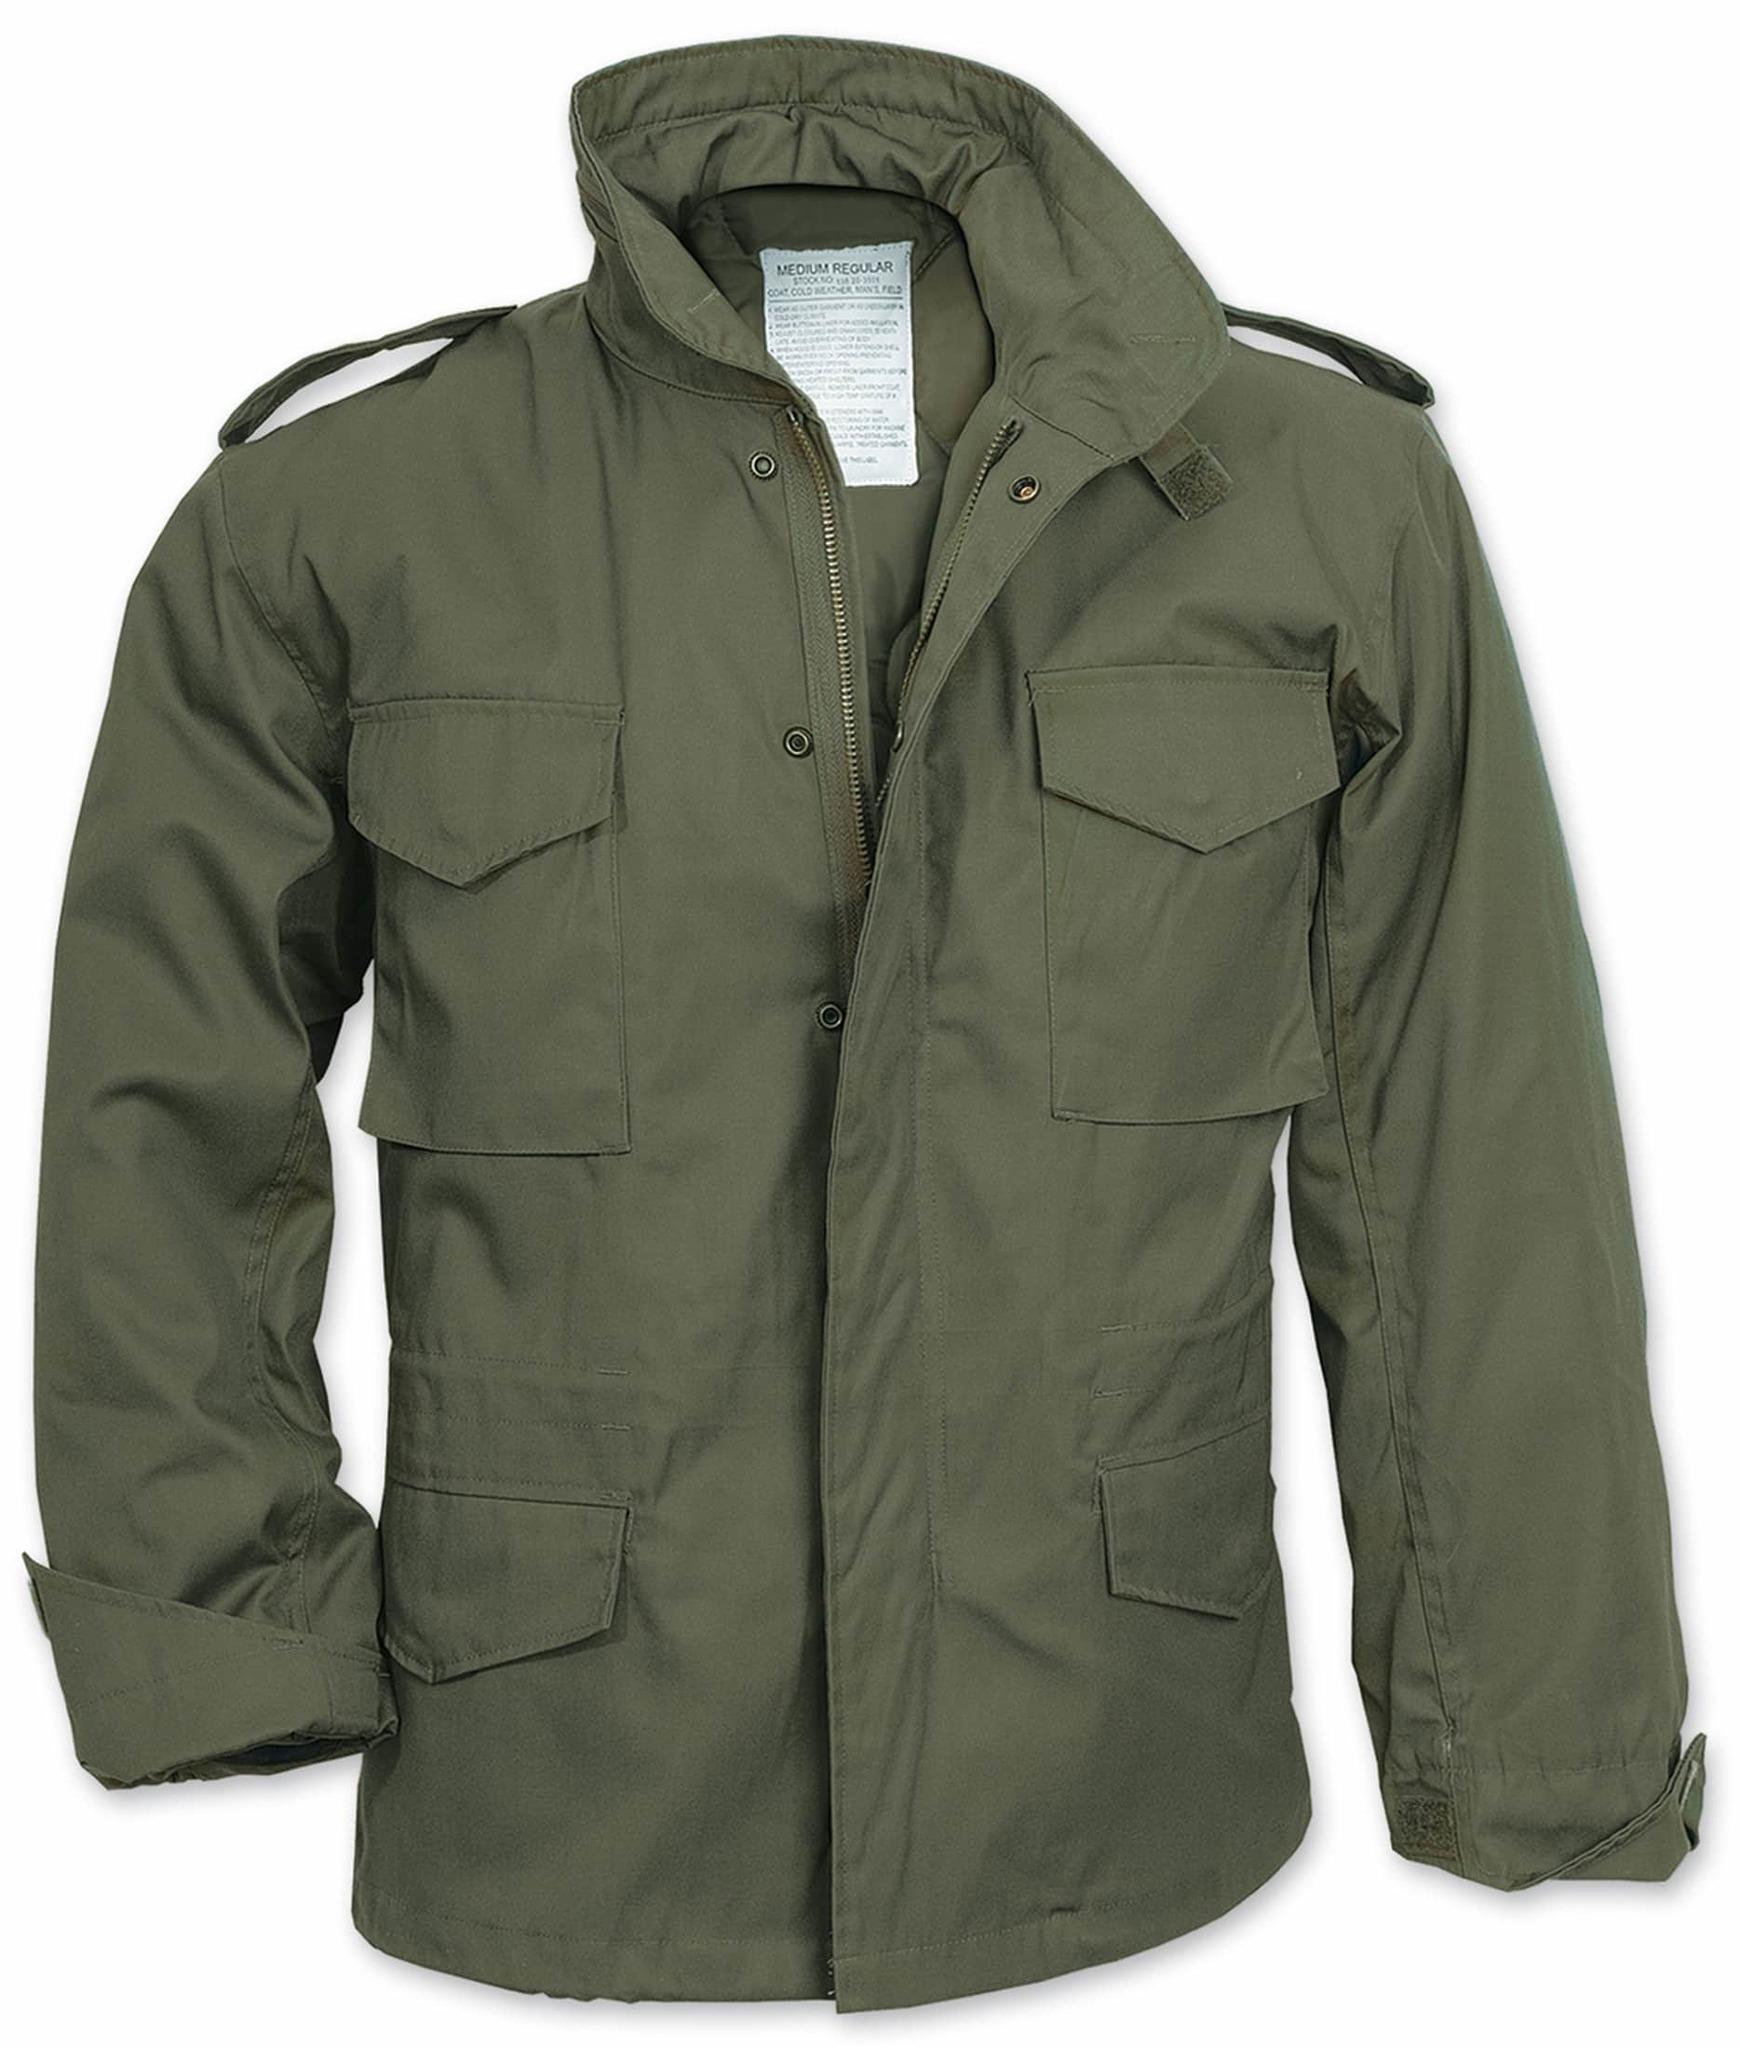 Куртка полевая Surplus M-65 Field Jacket (олива - olive)